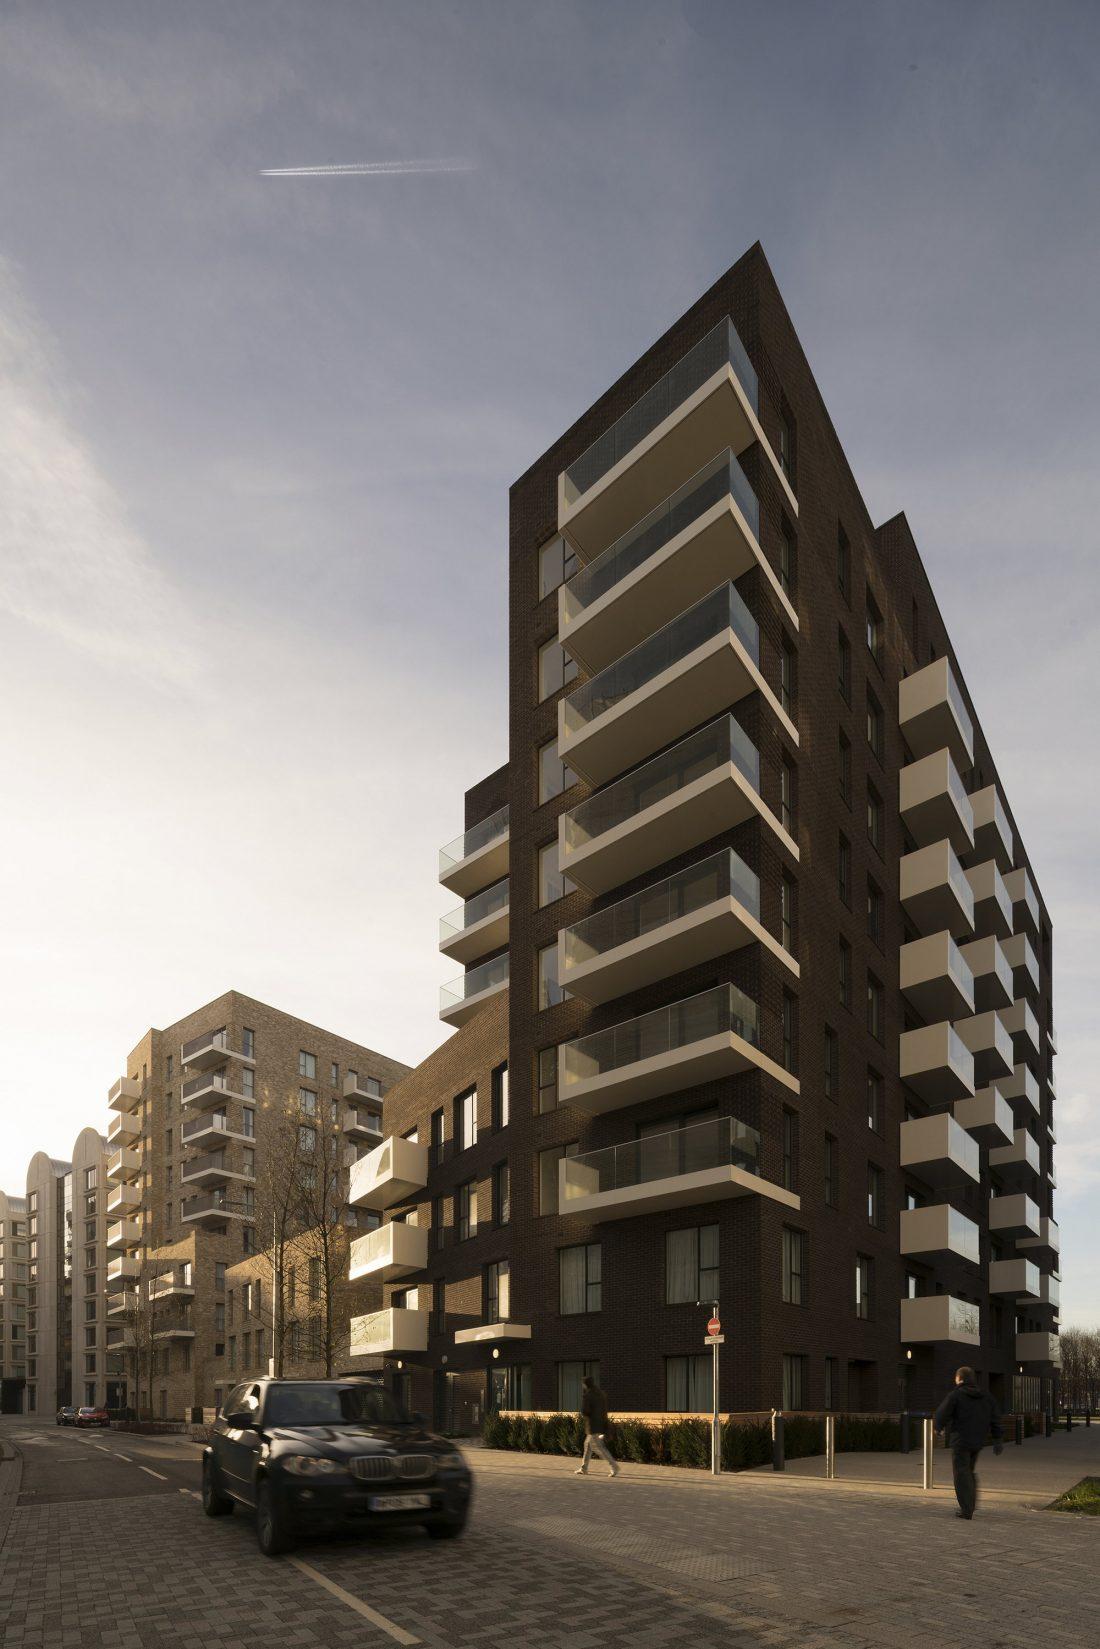 Жилой комплекс Greenwich Peninsula Riverside в Лондоне по проекту C.F. Moller 7